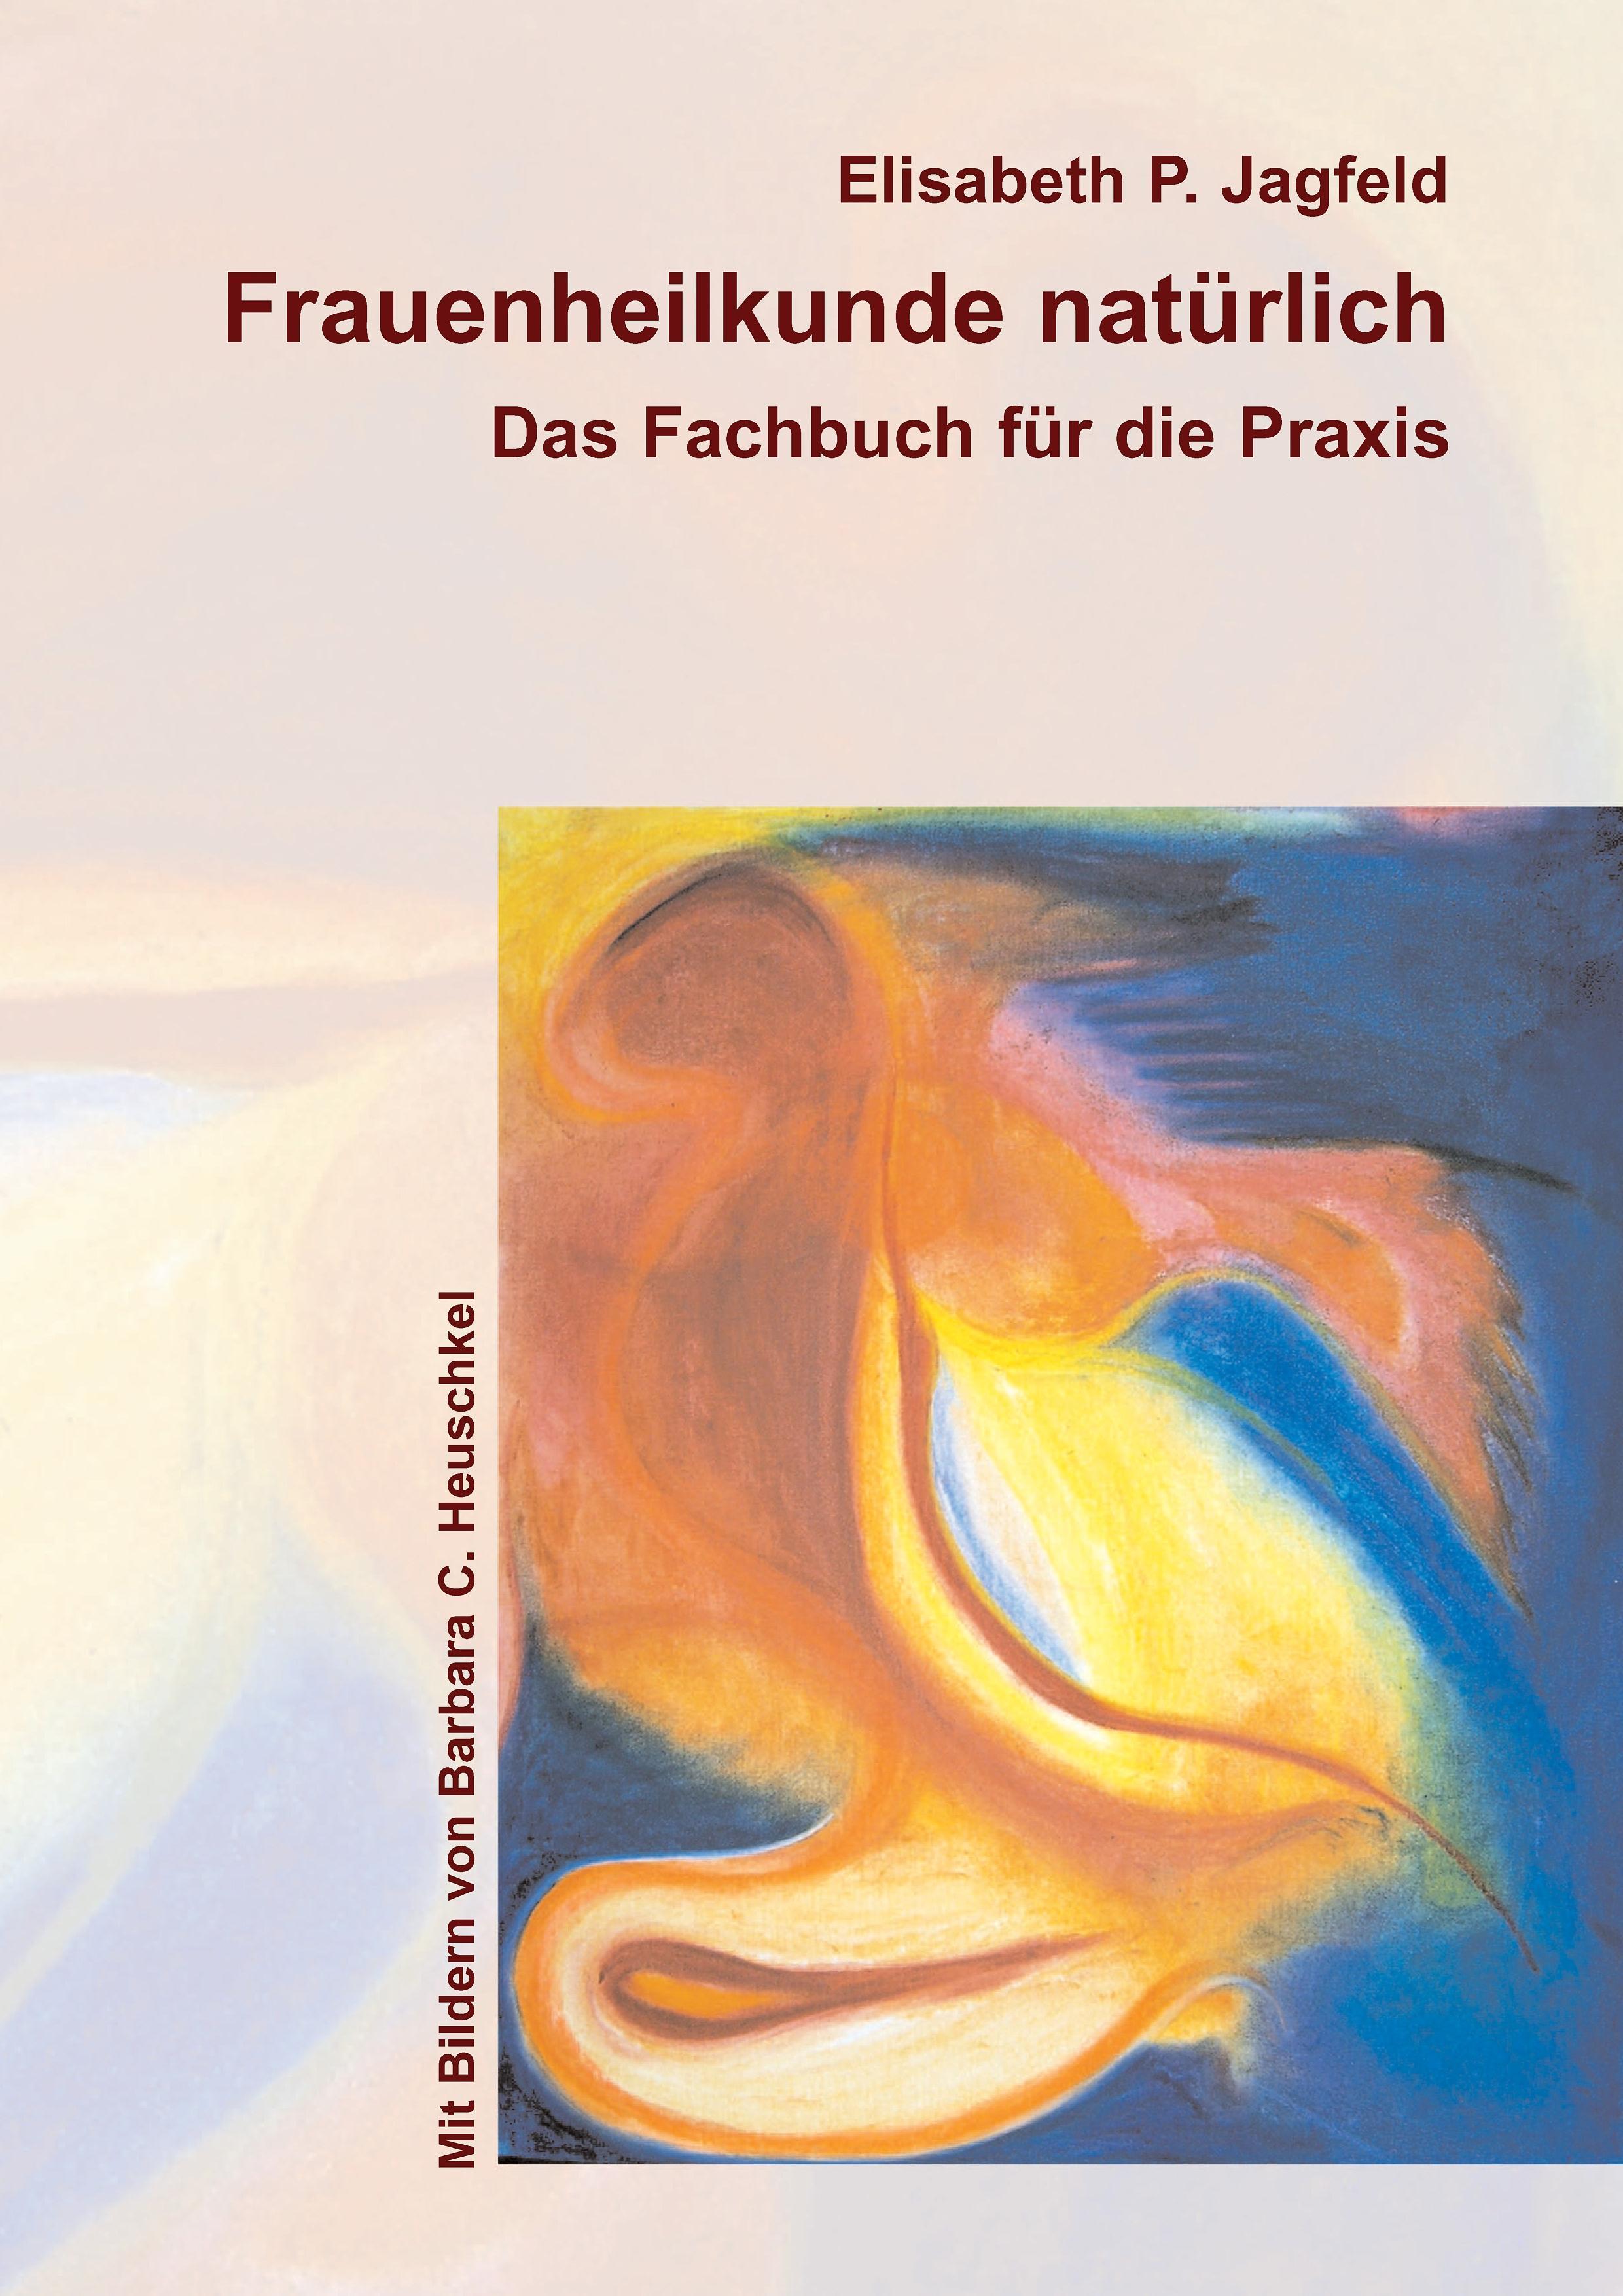 Frauenheilkunde natürlich ~ Elisabeth P. Jagfeld ~  9783842339552